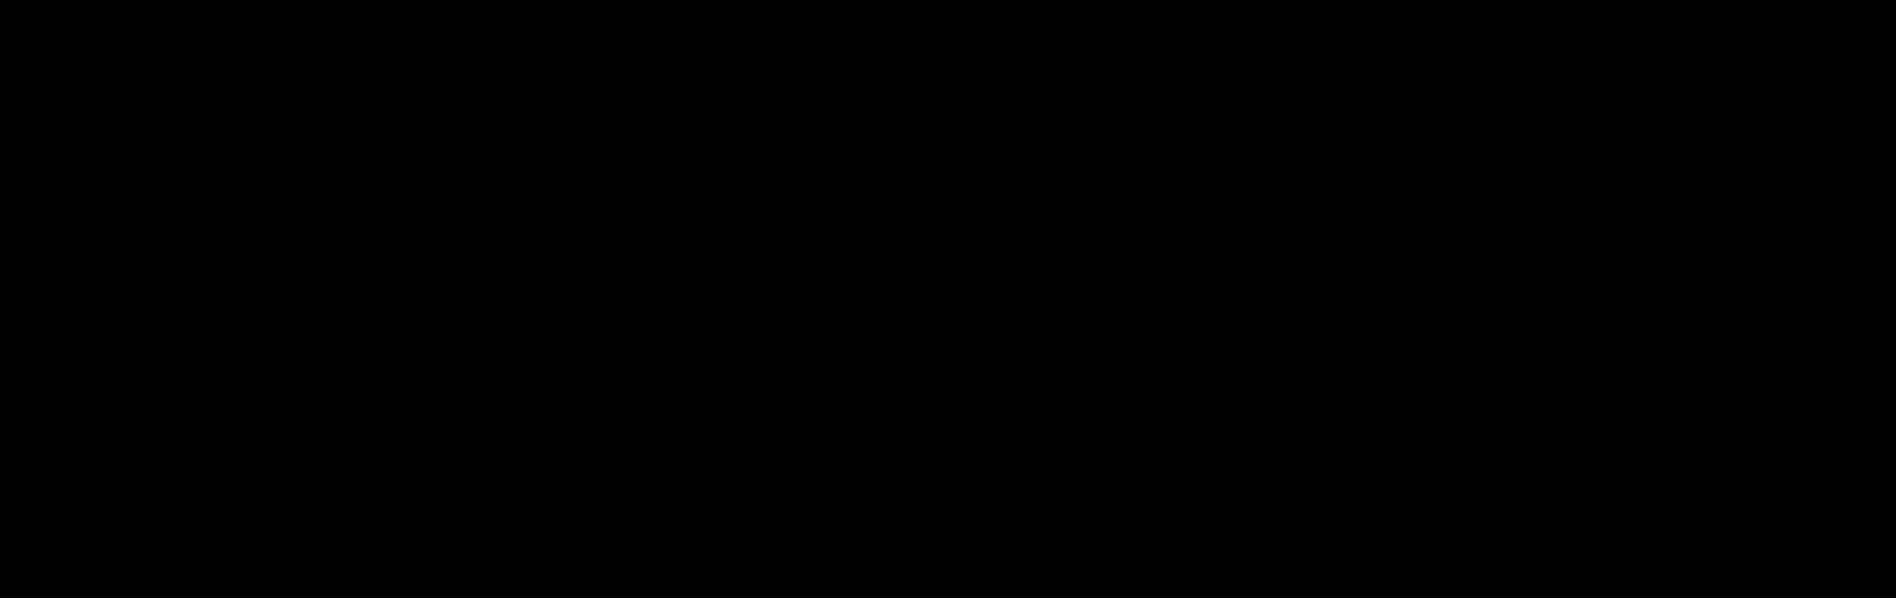 N-trans-Caffeoyltyramine-d<sub>4</sub>